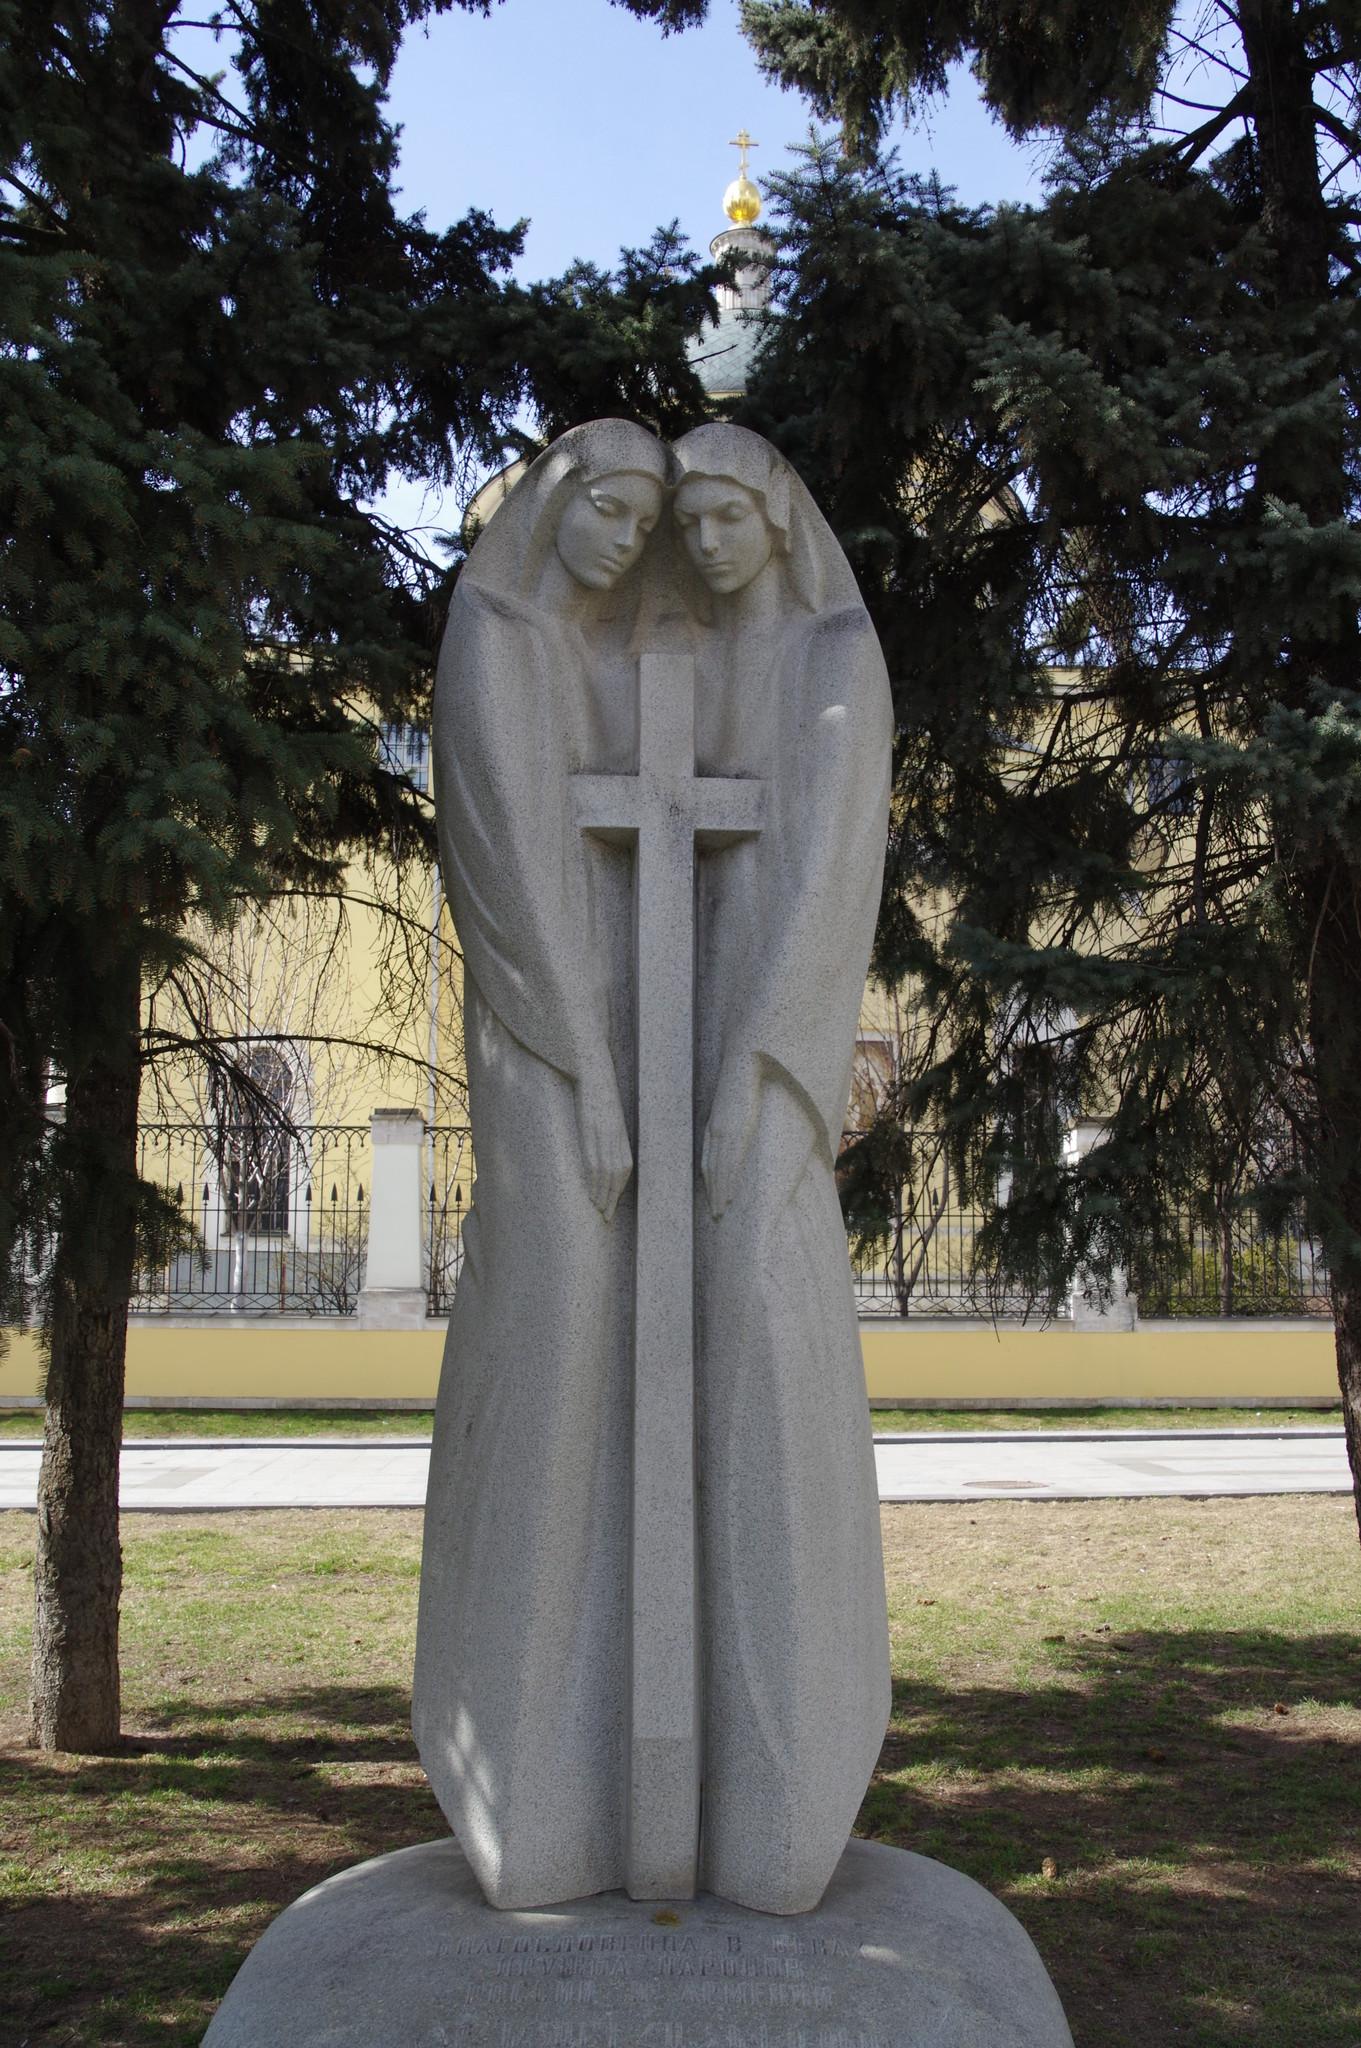 Памятник «Единый крест», посвящённый дружбе христианских народов Армении и России в Москве